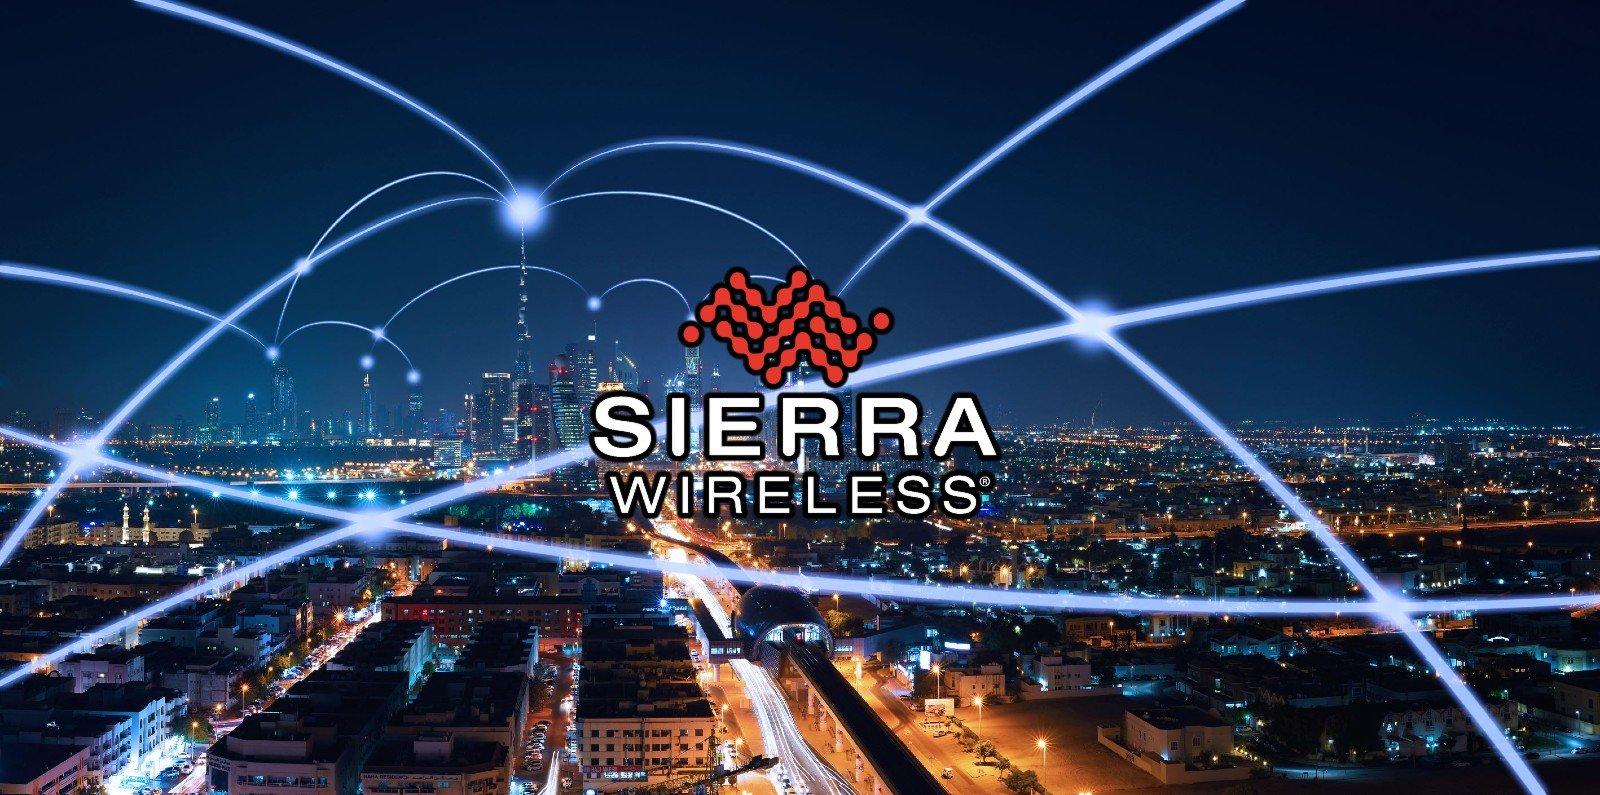 Атака вымогательского ПО сорвала производство оборудования Sierra Wireless